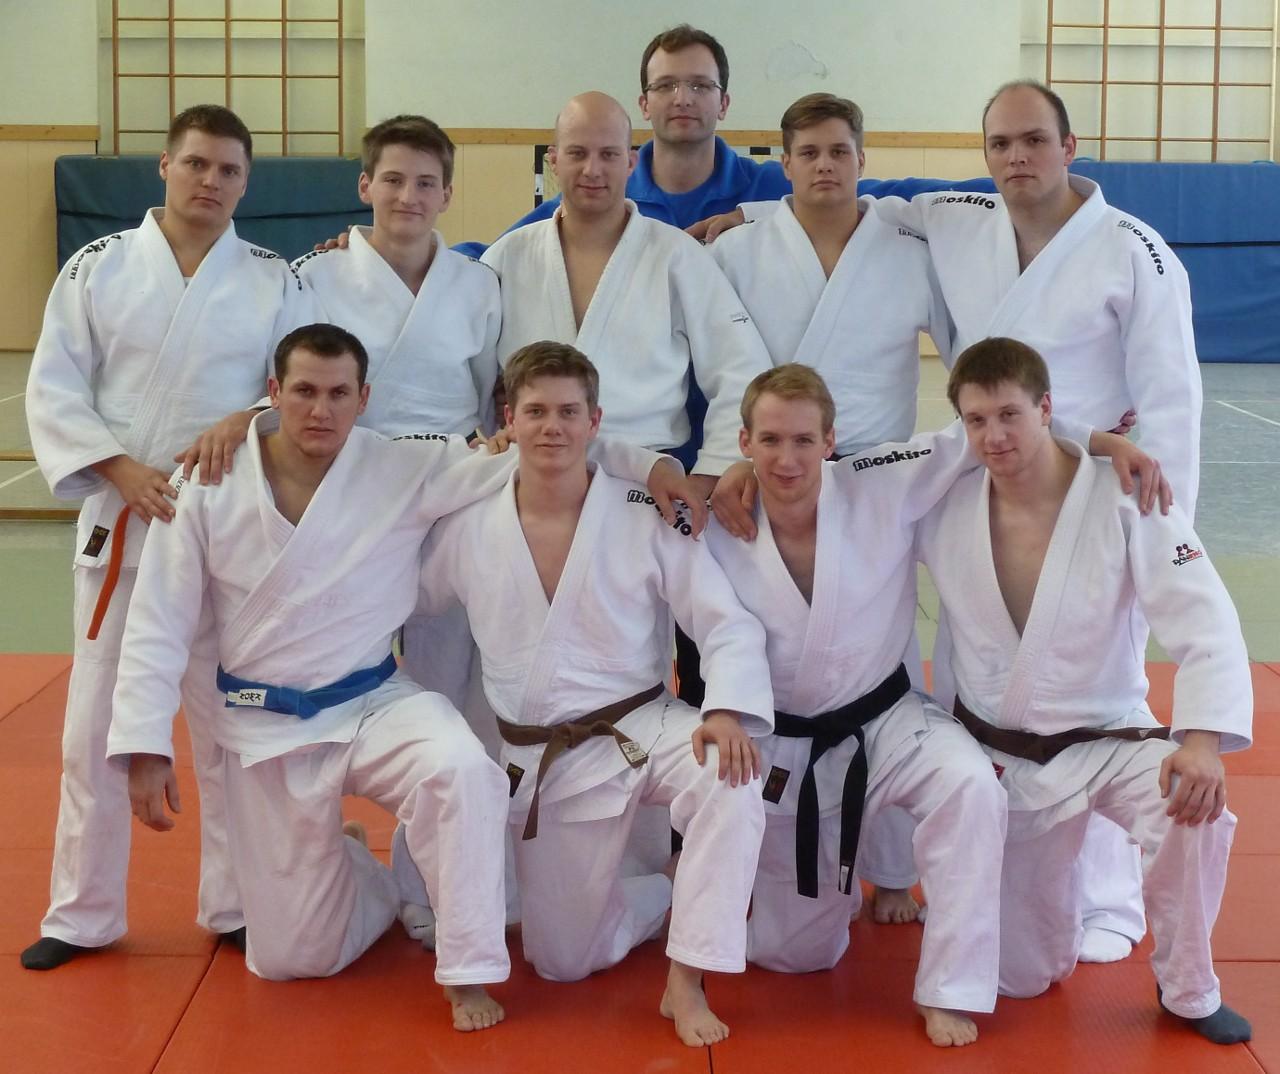 Mannschftsfoto der Mannschaft des TuS Lendringsen 2012